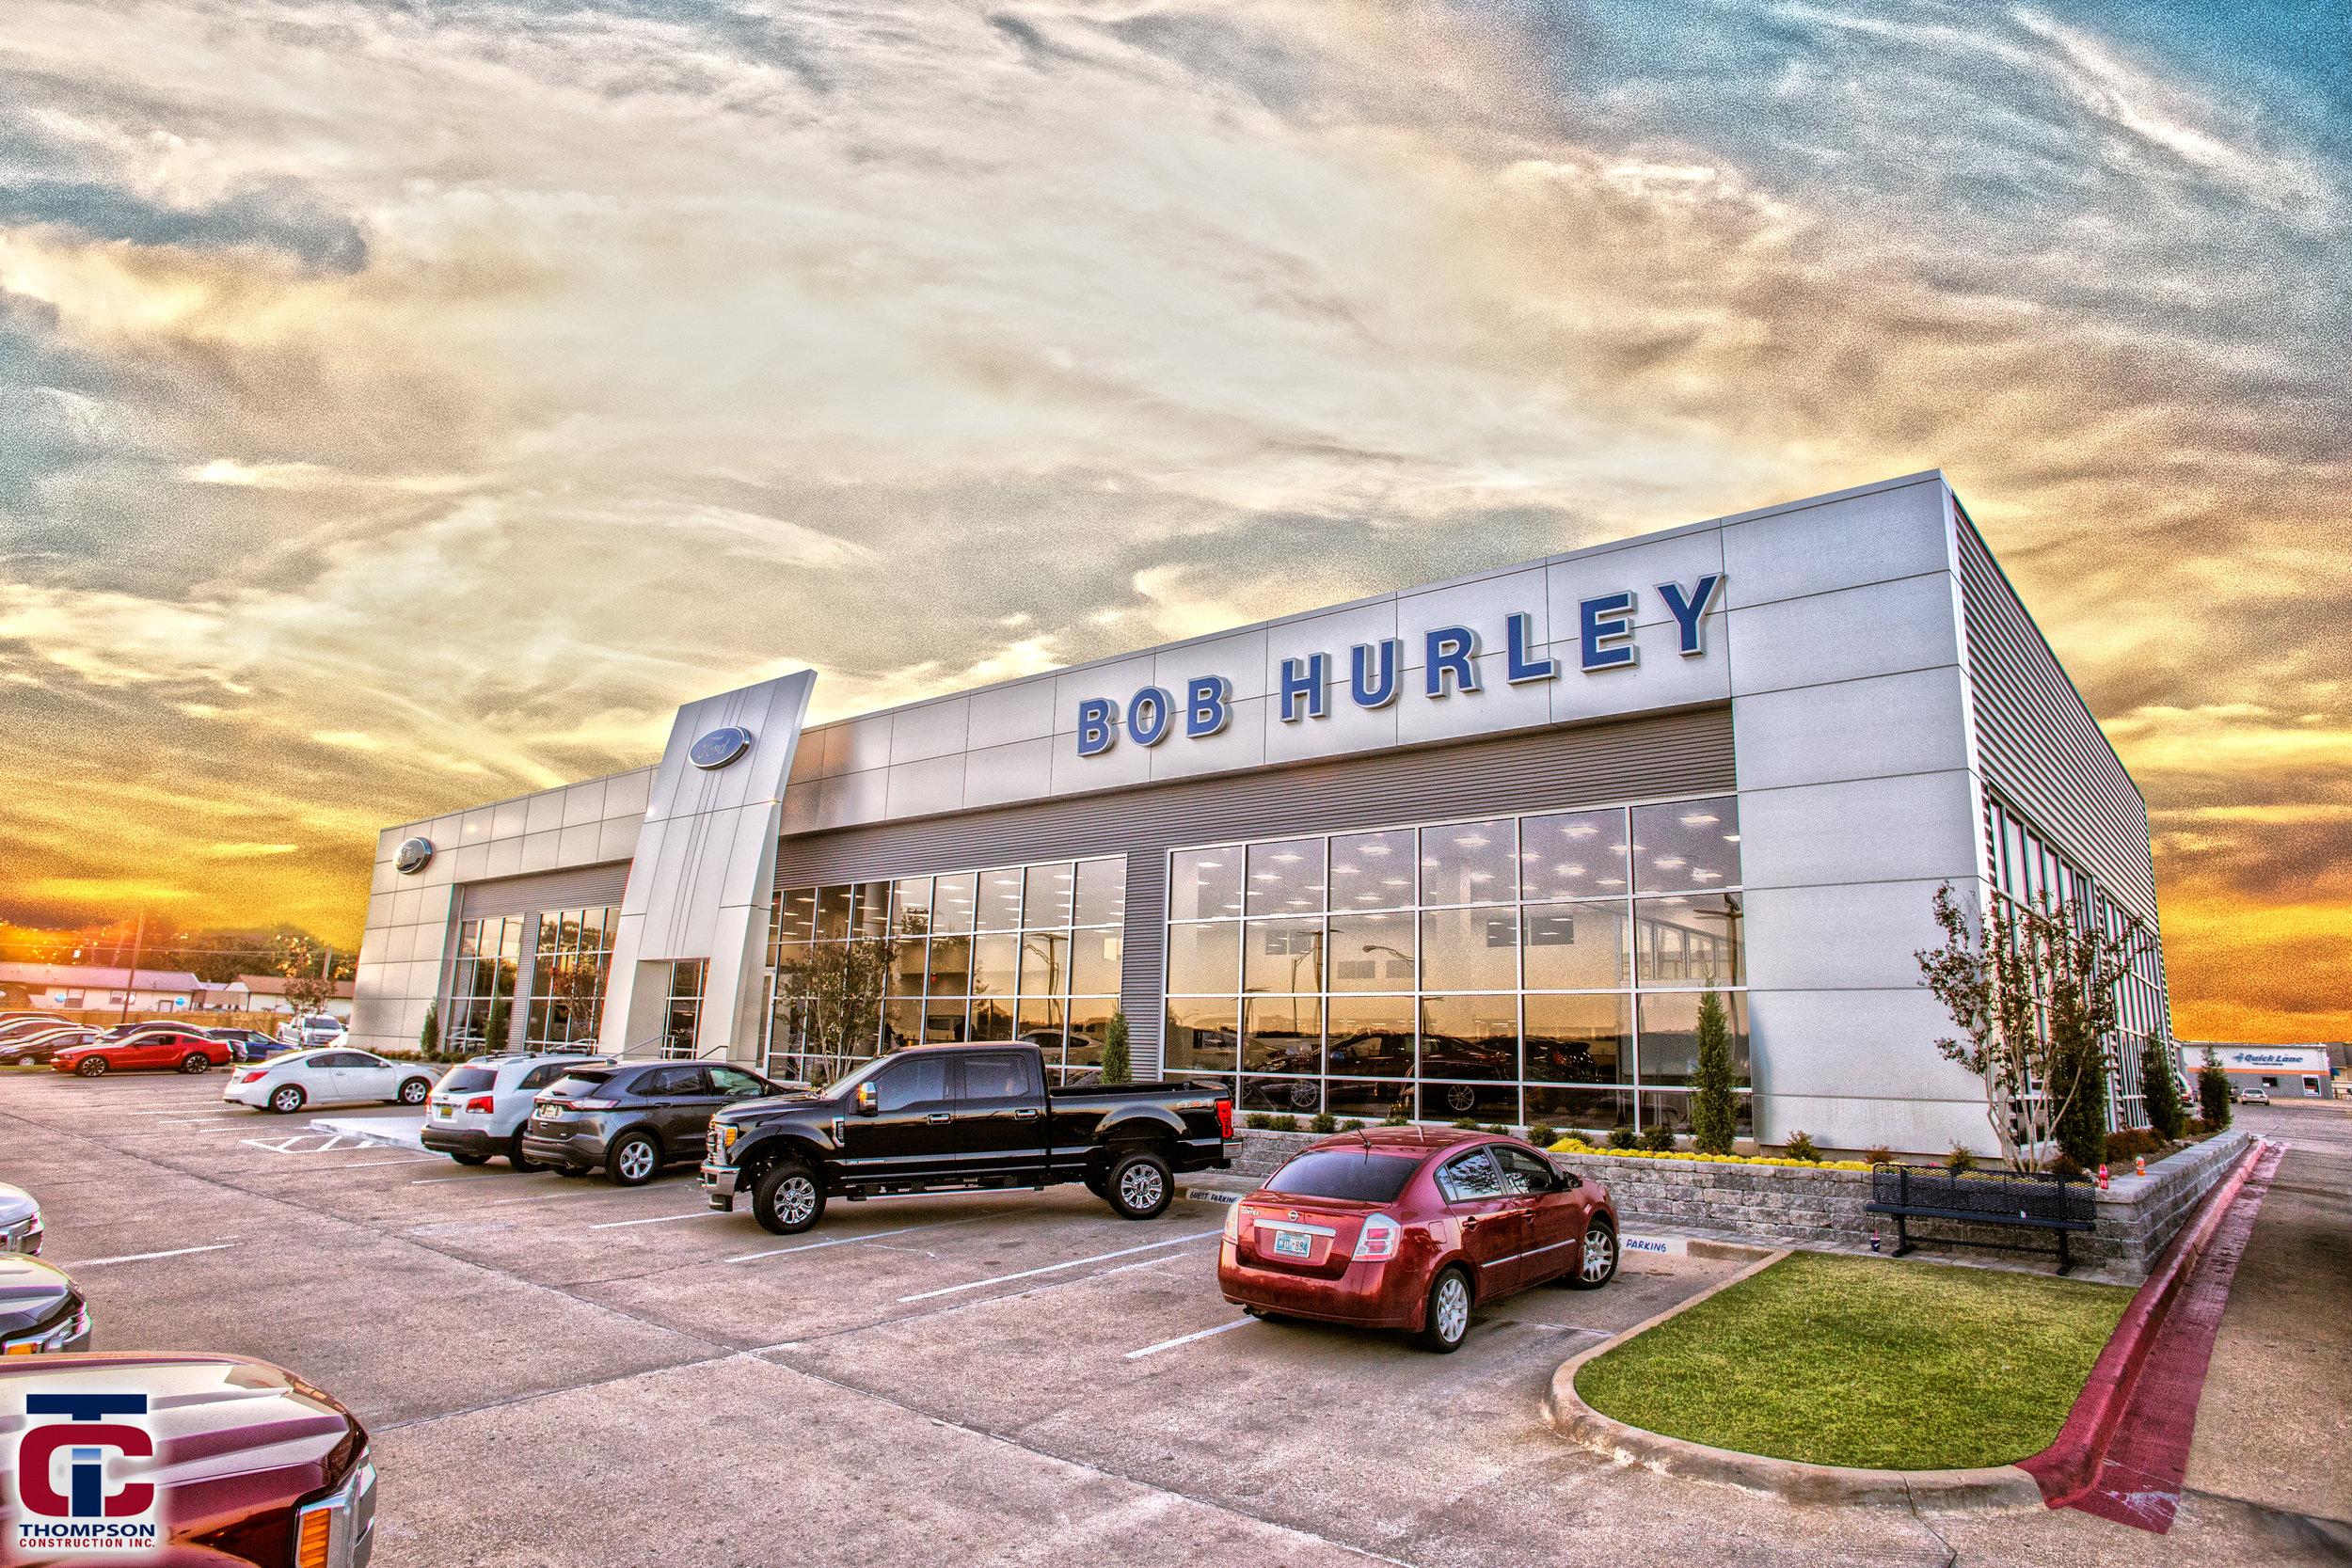 Bob_hurley_MoneyShot_V2pt2.jpg